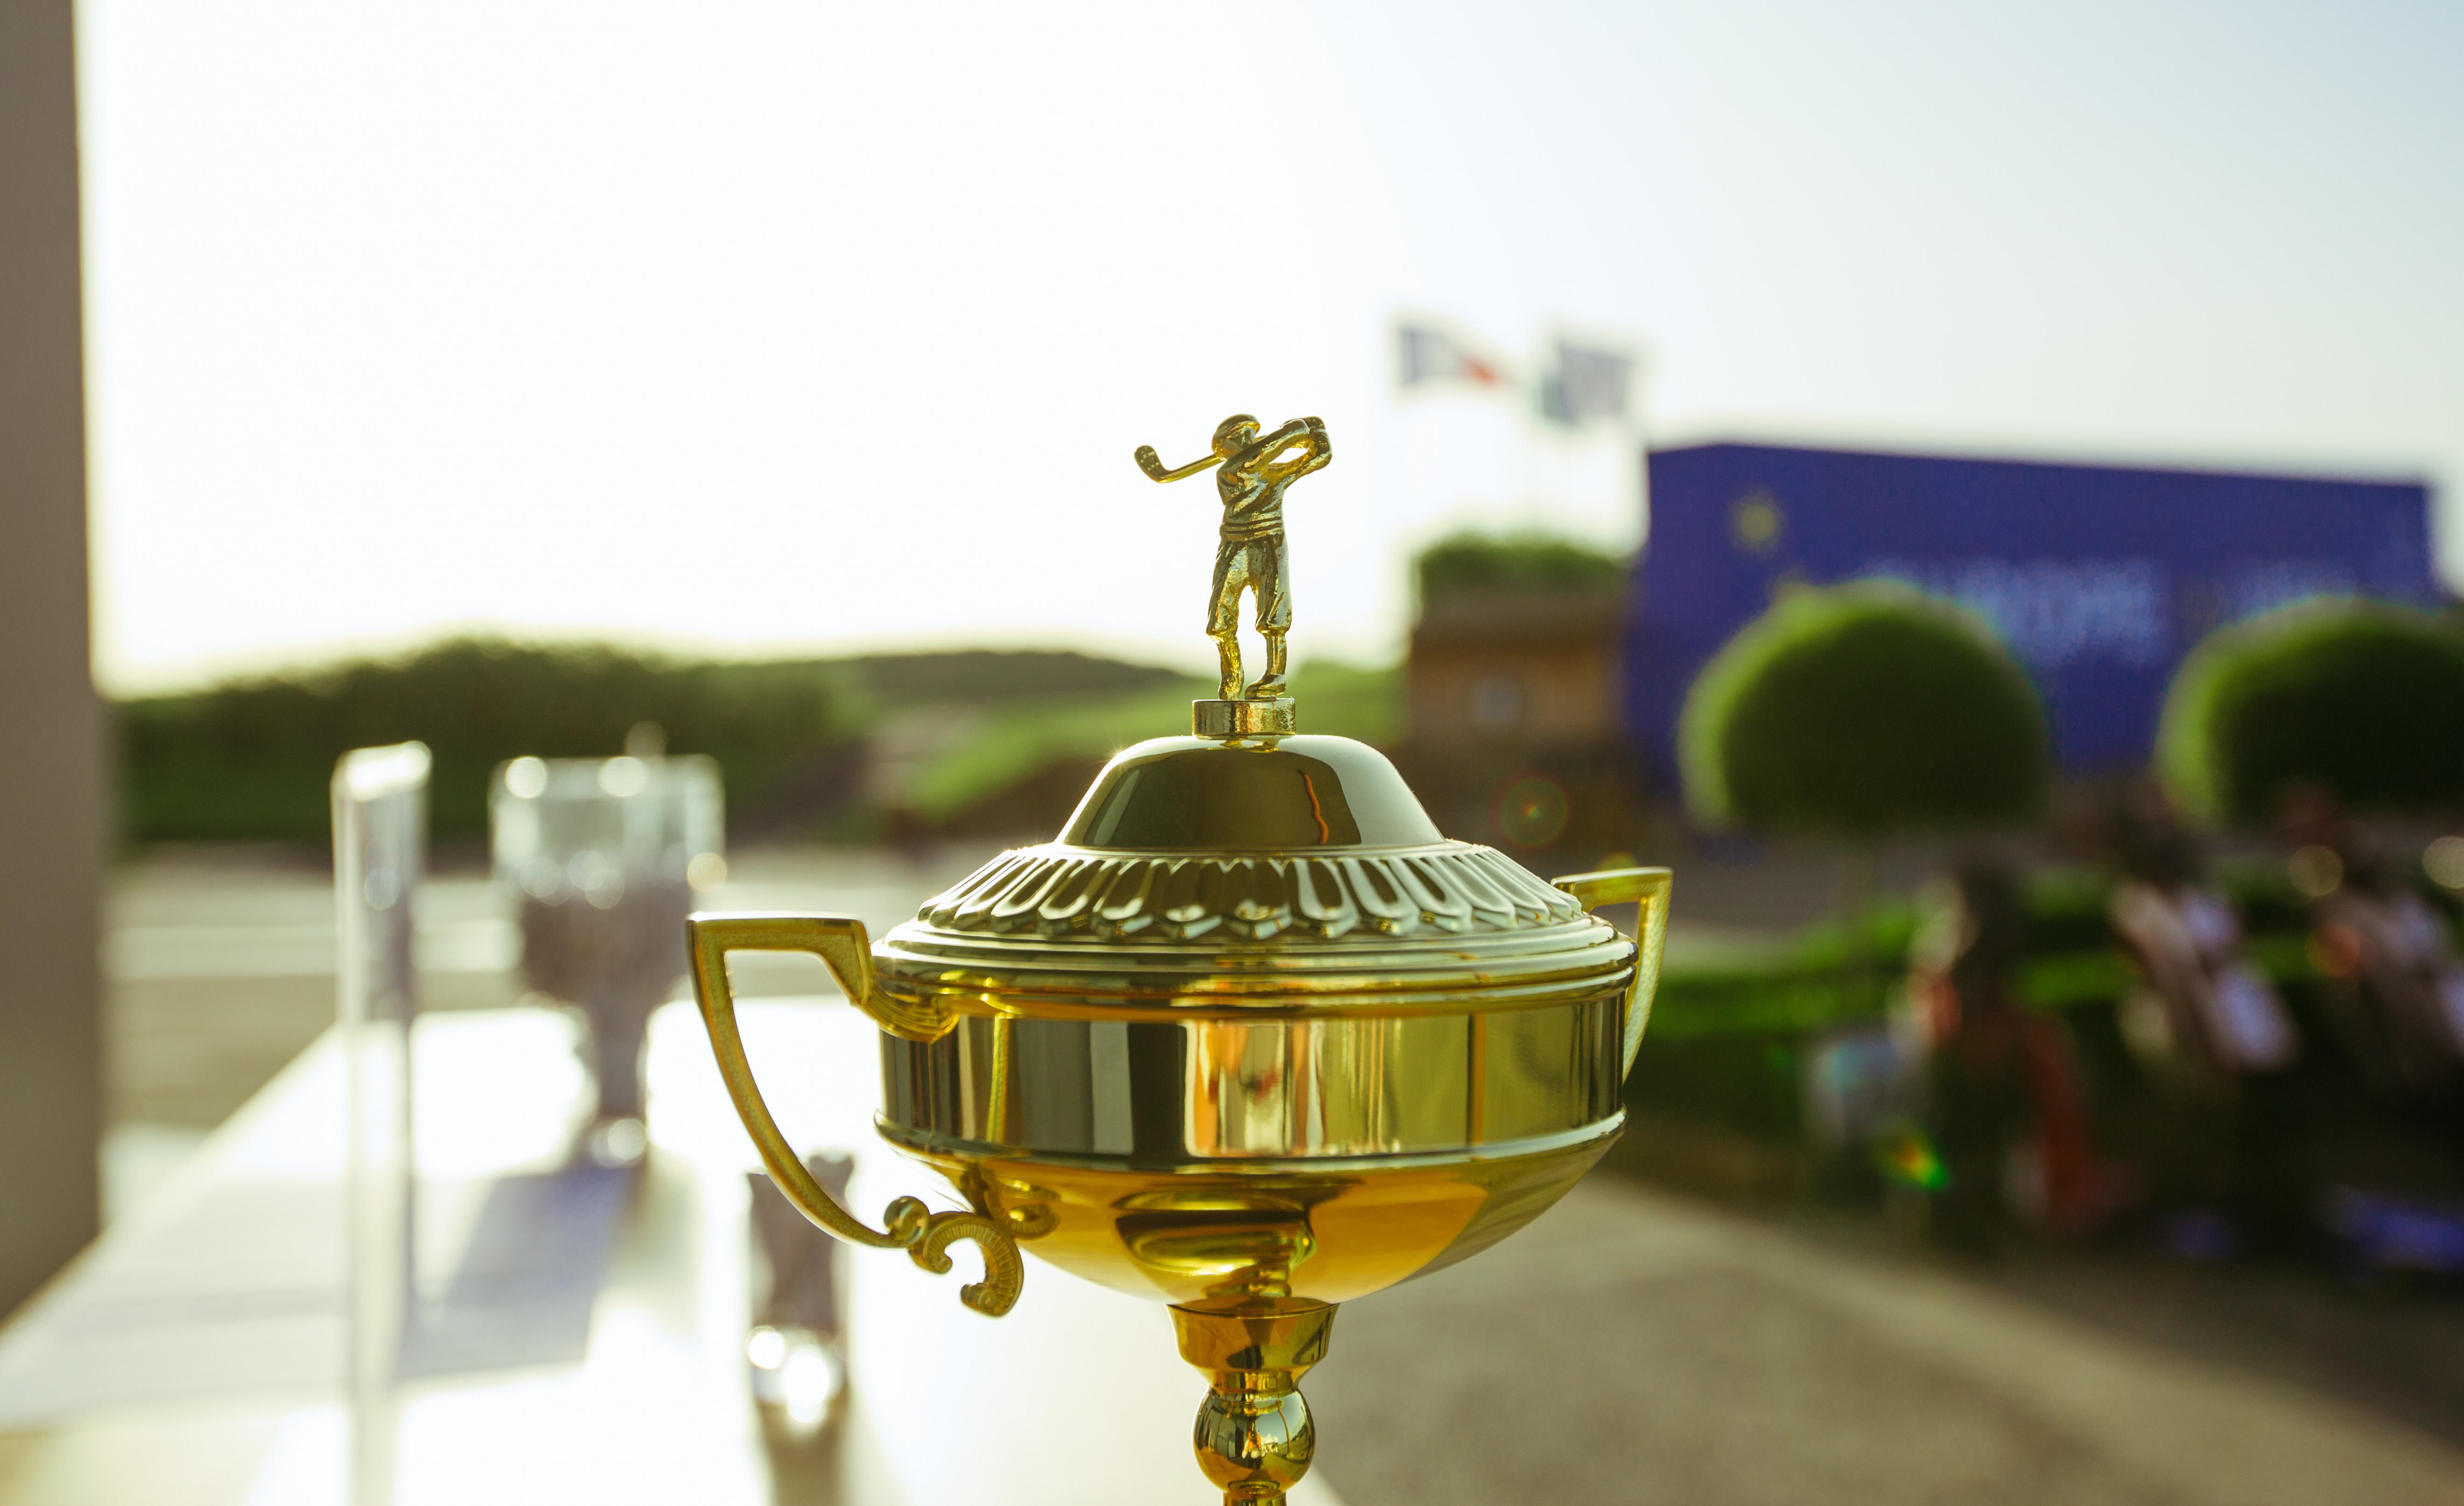 Le trophée pour les gagnants de la compétition S'M au Golf National